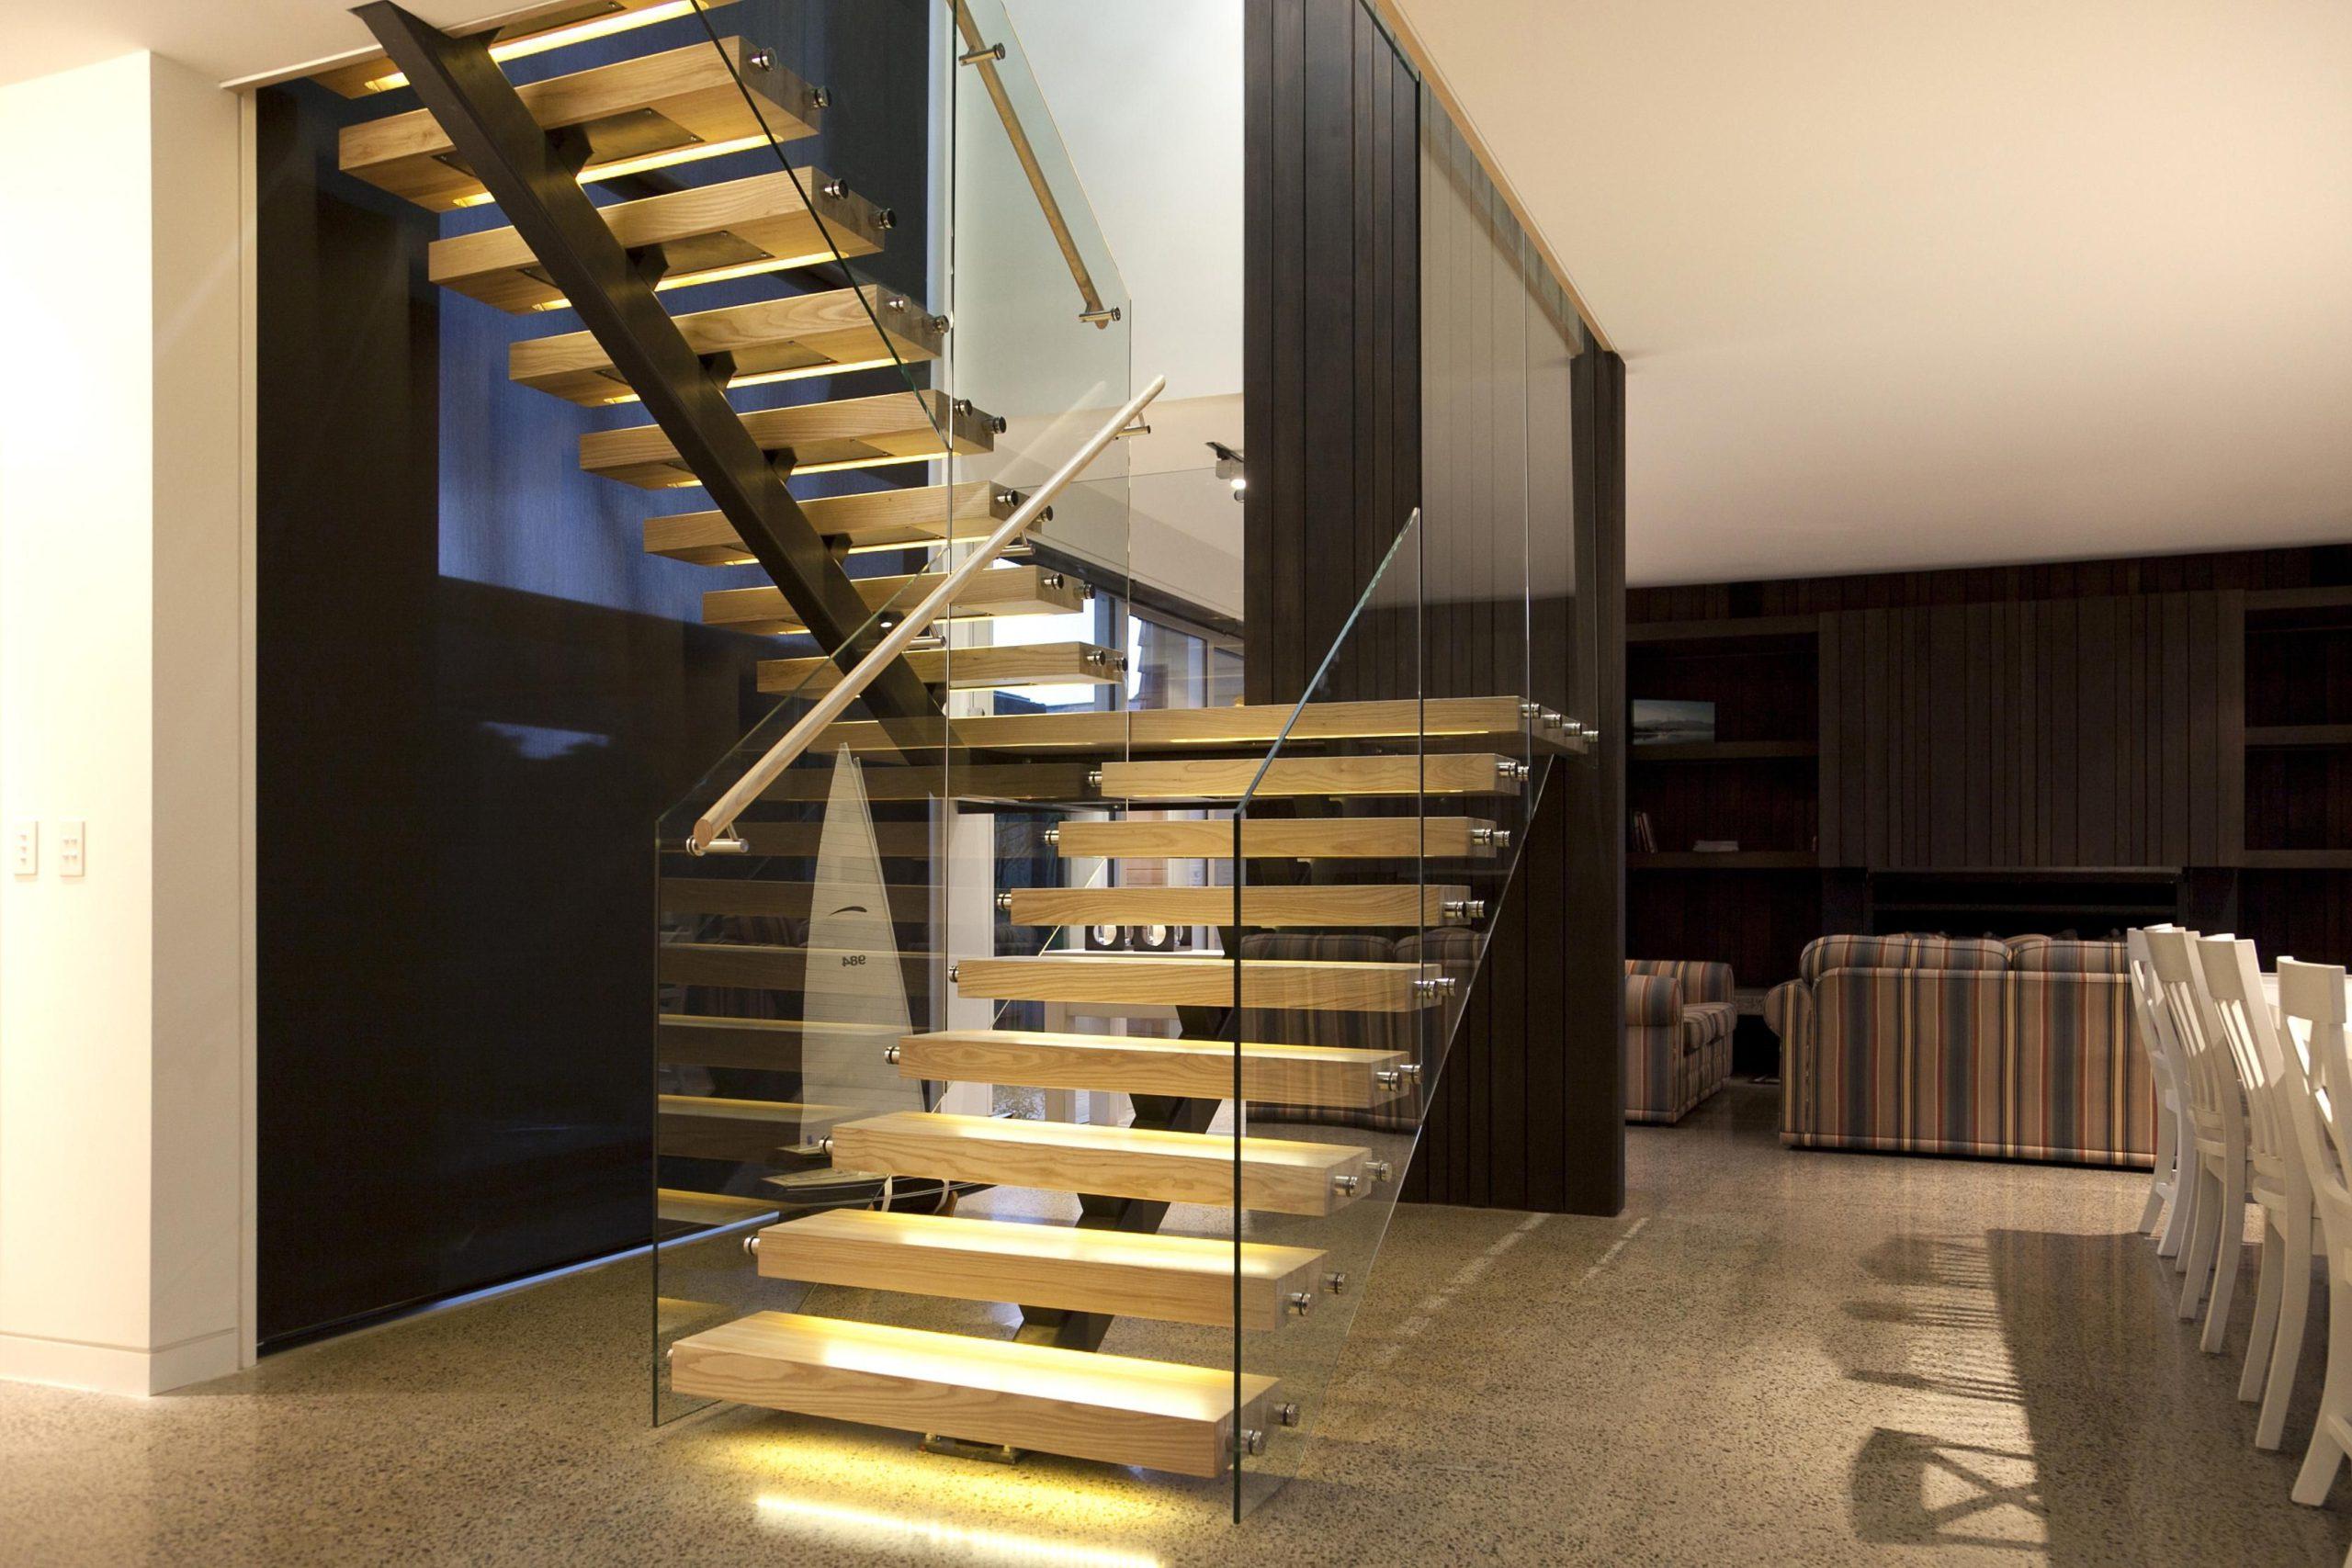 П-образная лестница, ступени из дерева, подсветка ЛПО1